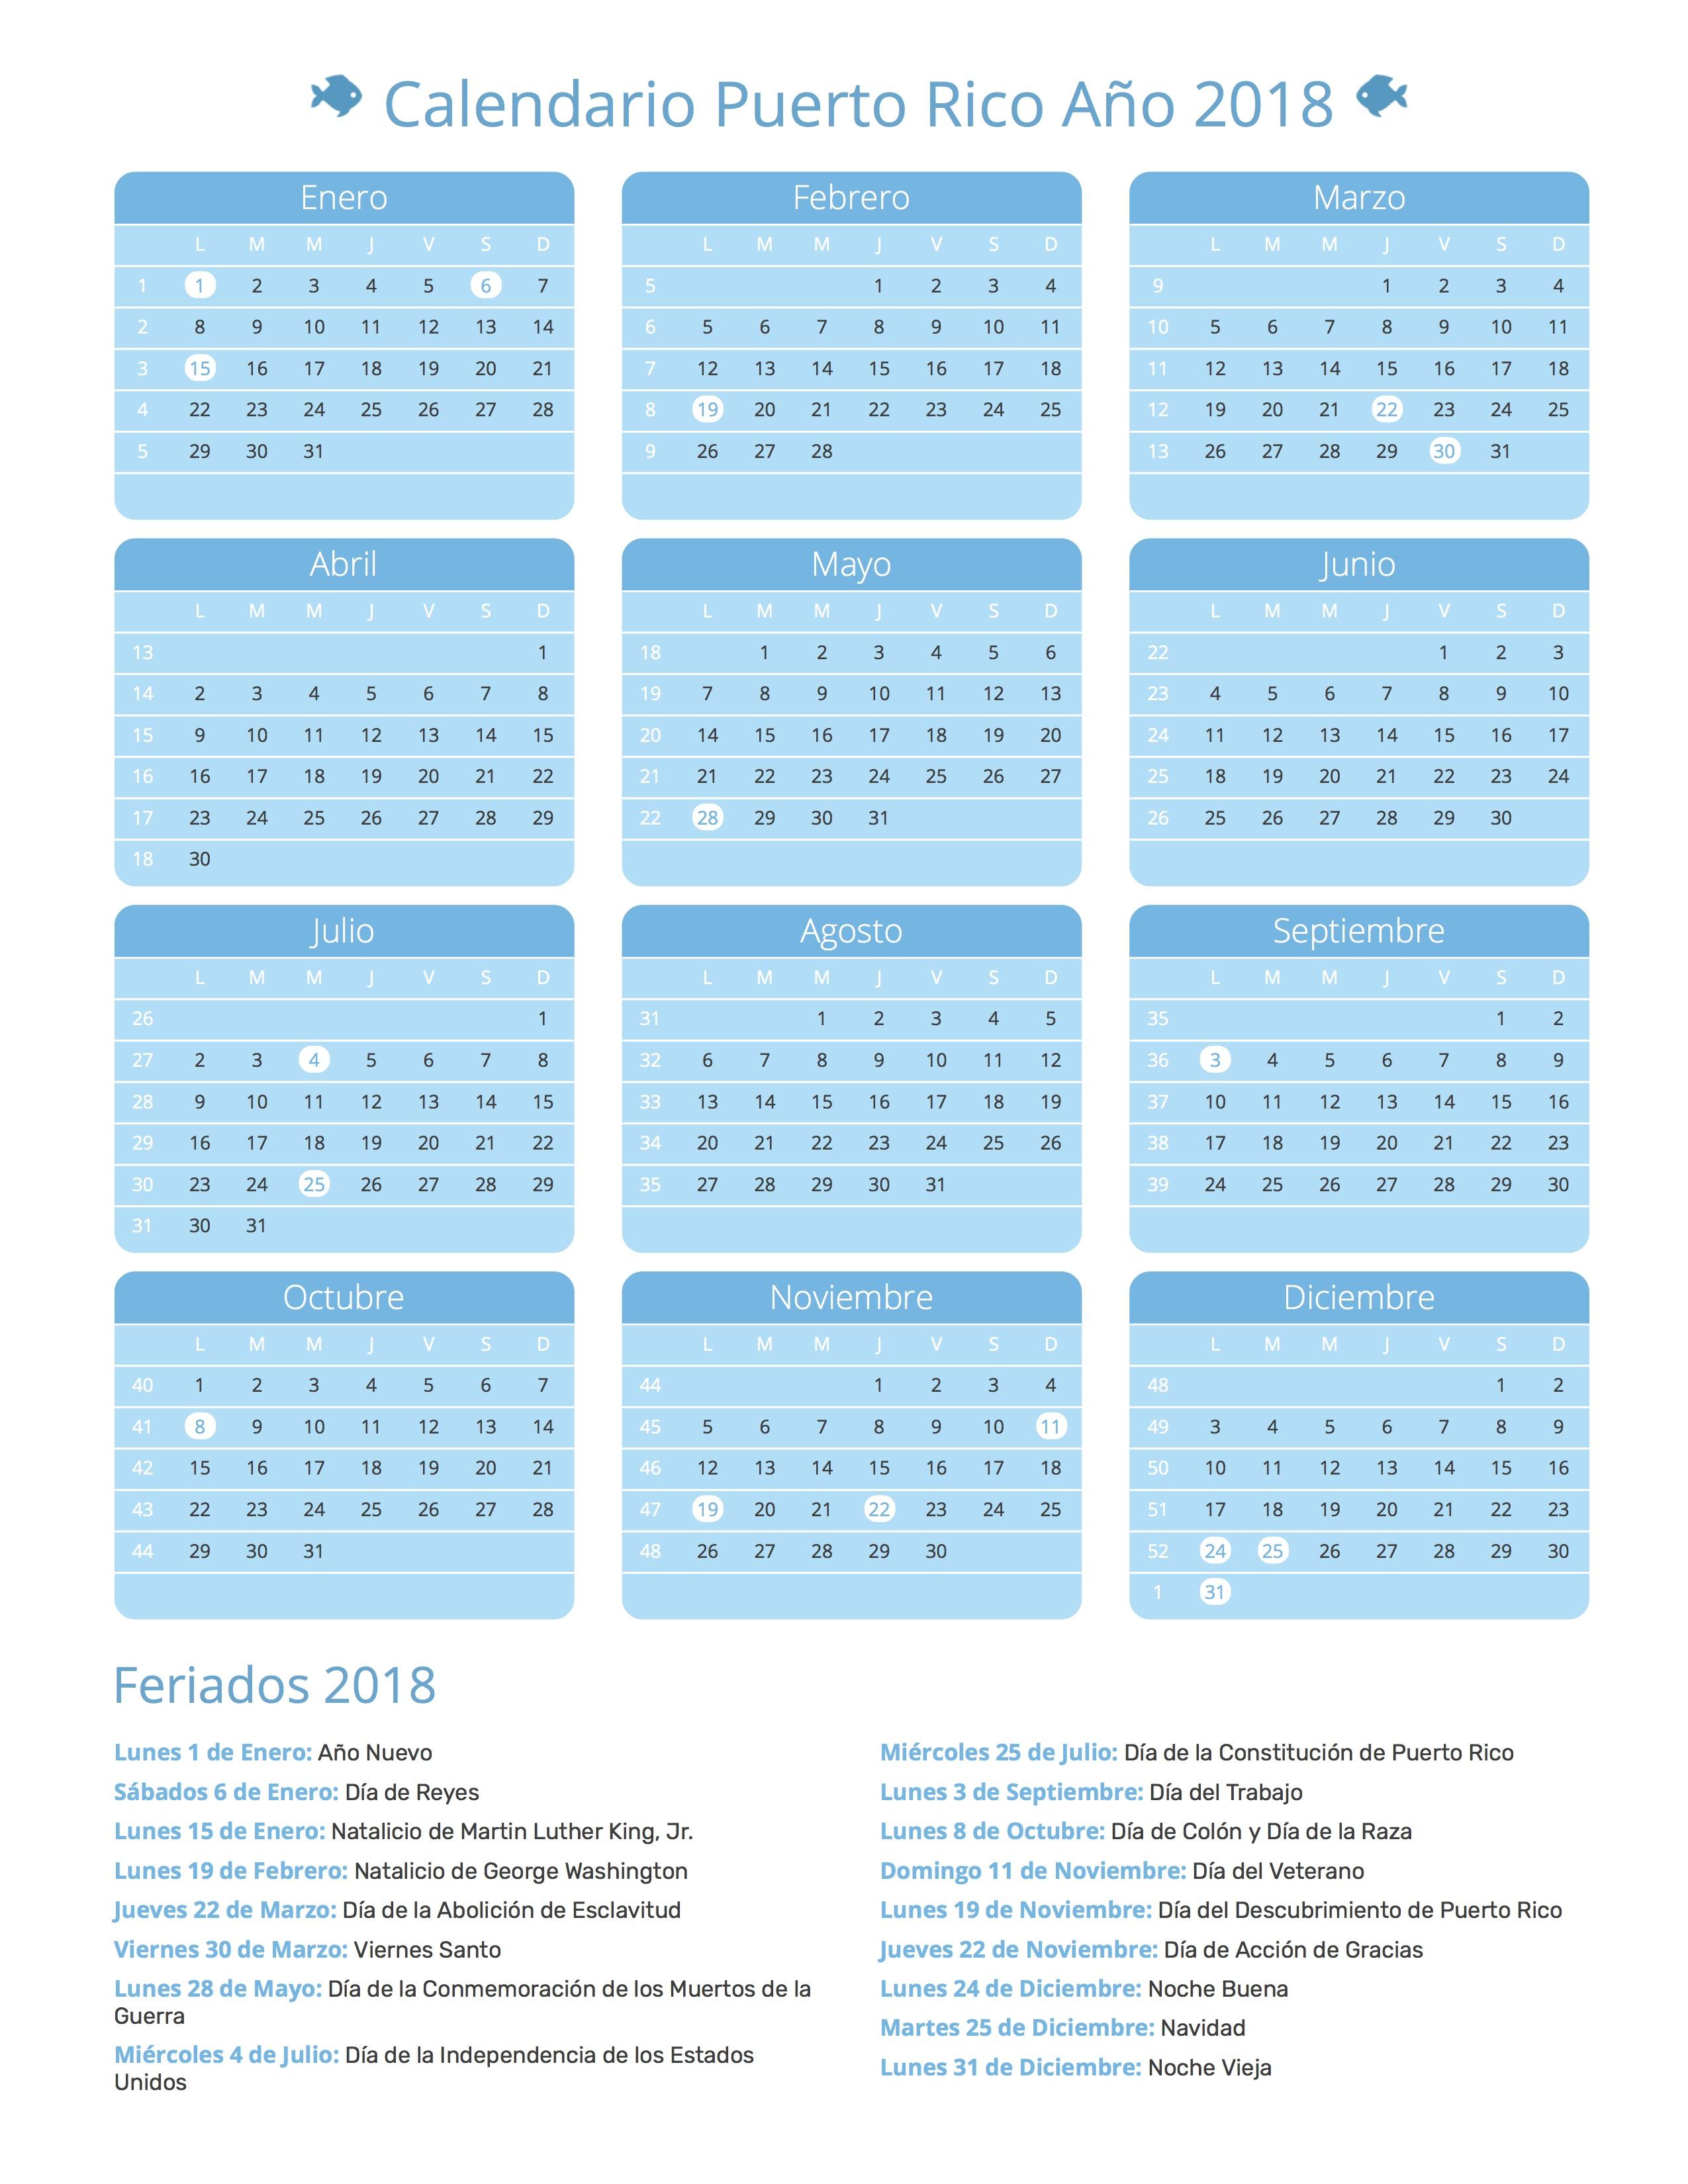 Calendario De Puerto Rico Año 2018 Feriados Días Festivos